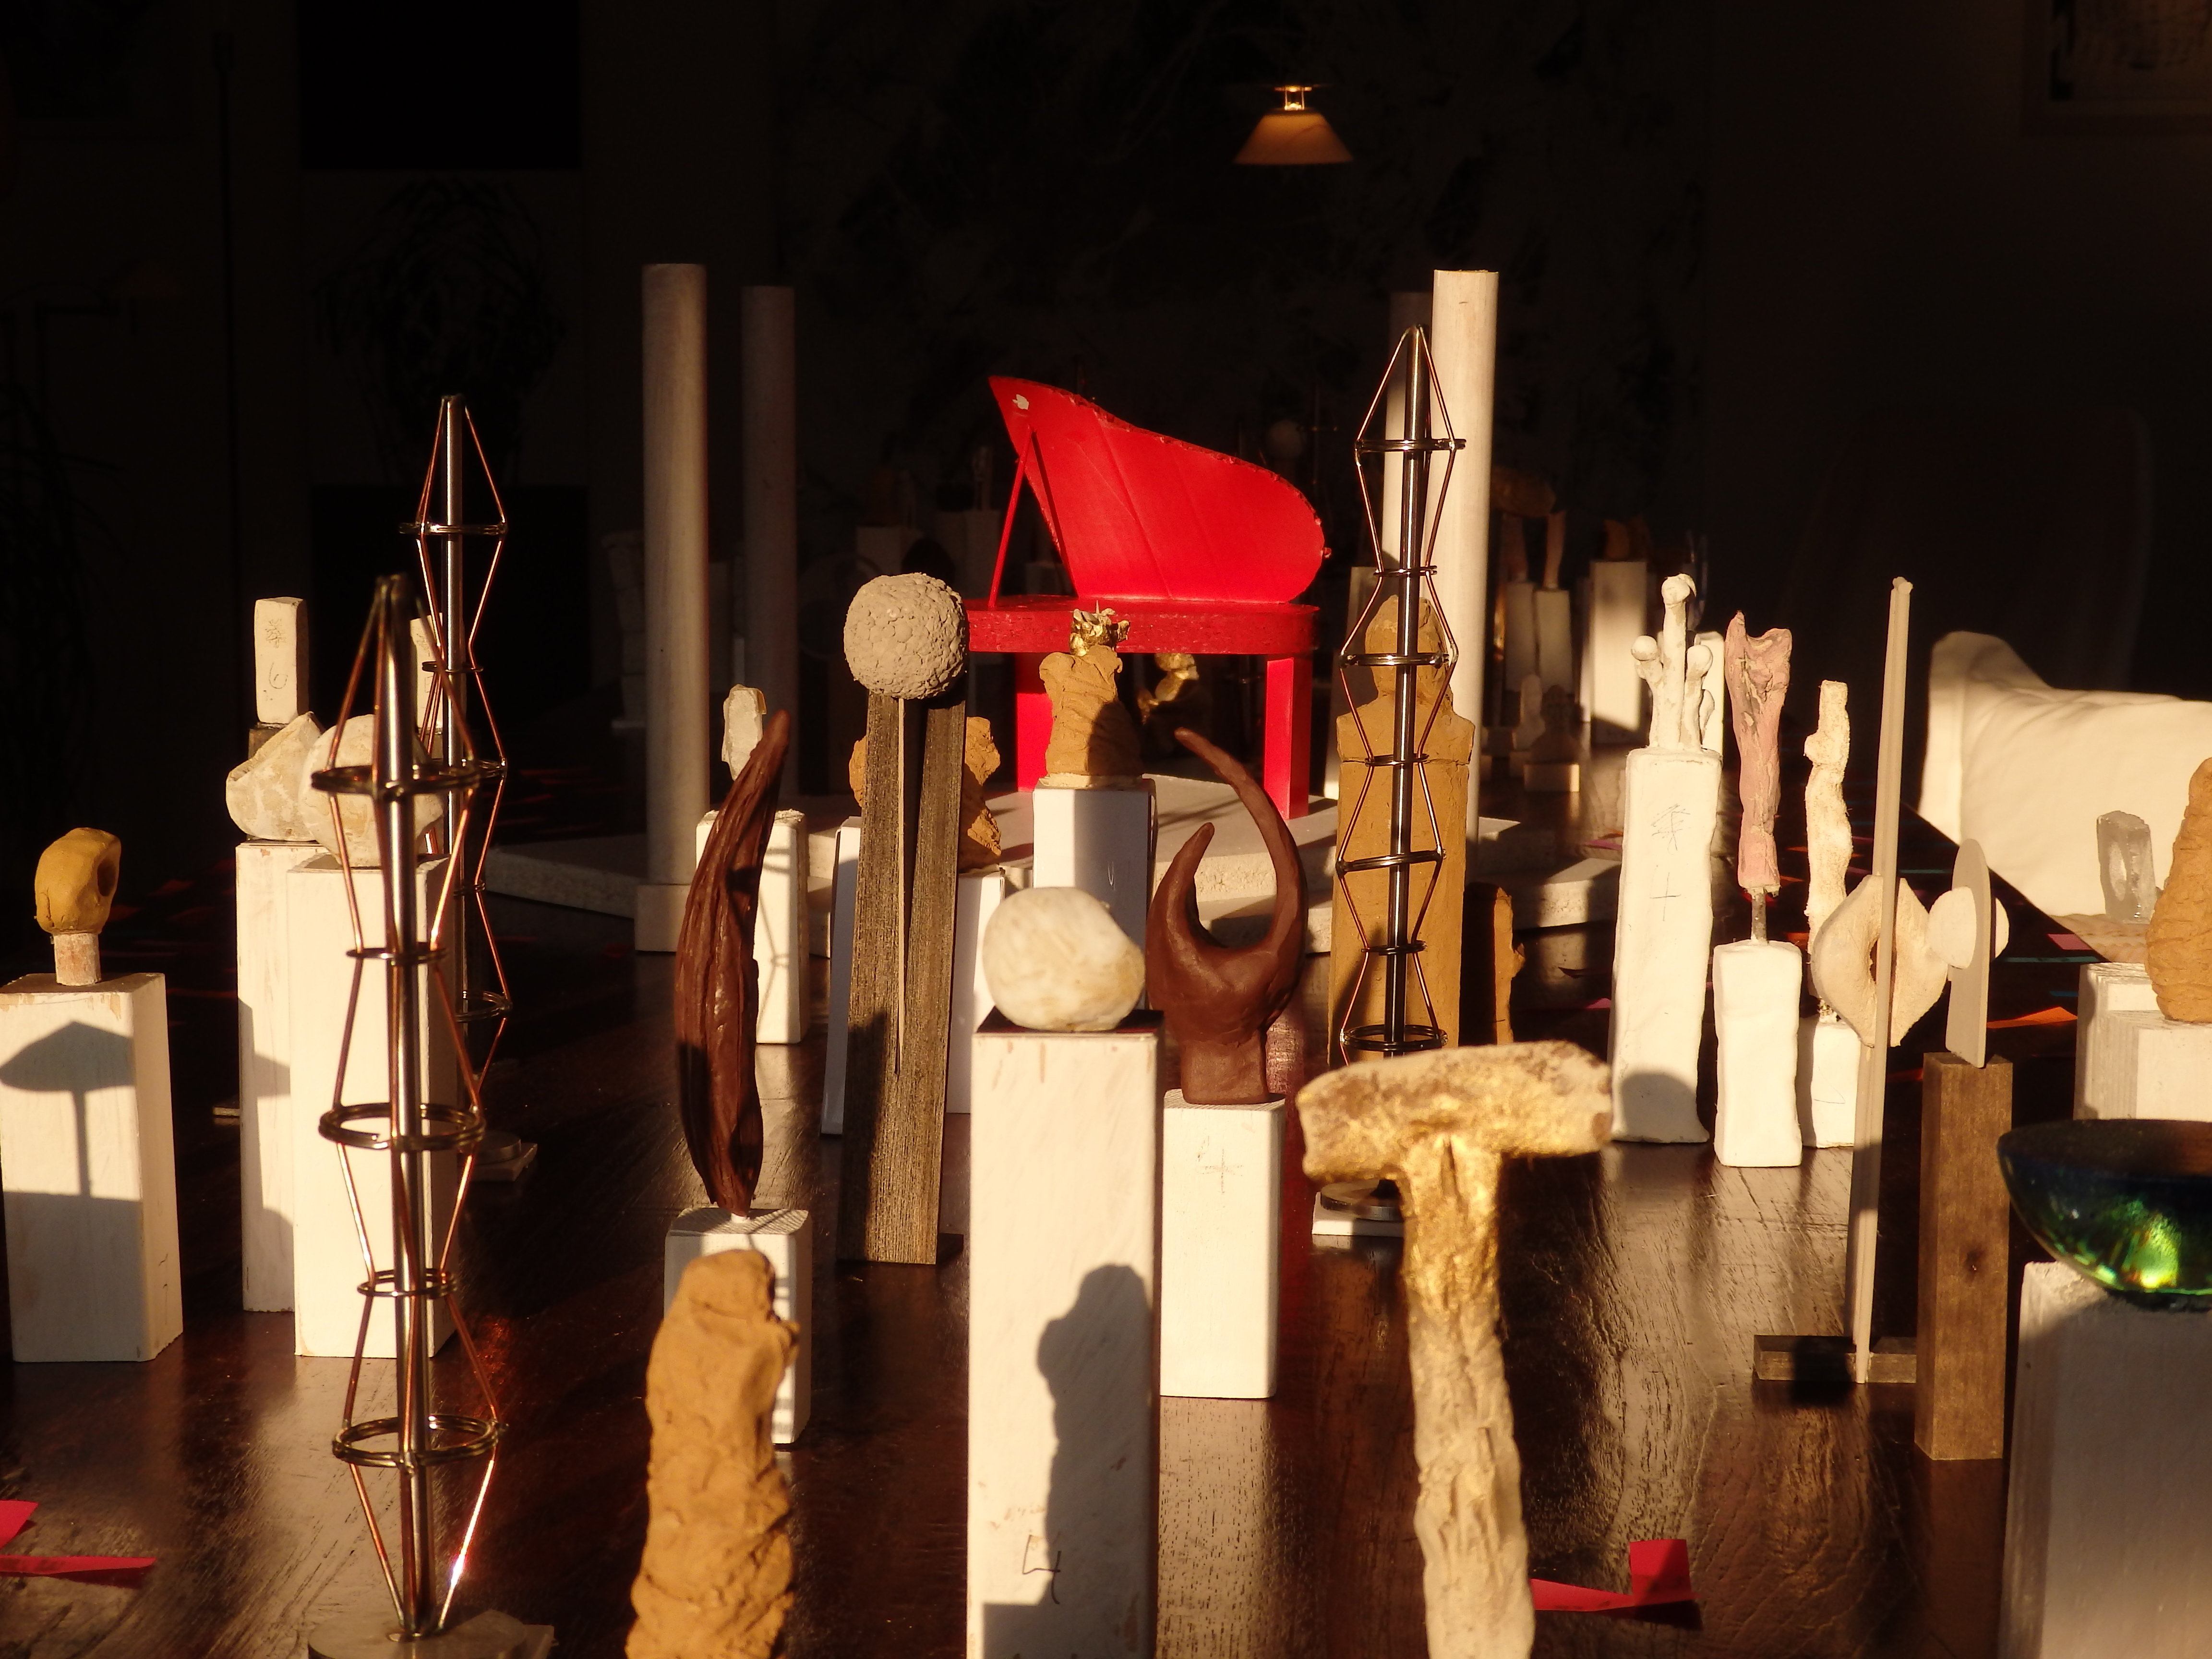 Skulpturen und der knallrote Steinway im ehemaligen Kuhstall. Modell 2015 (copyright: Brigitte Bergmaier)